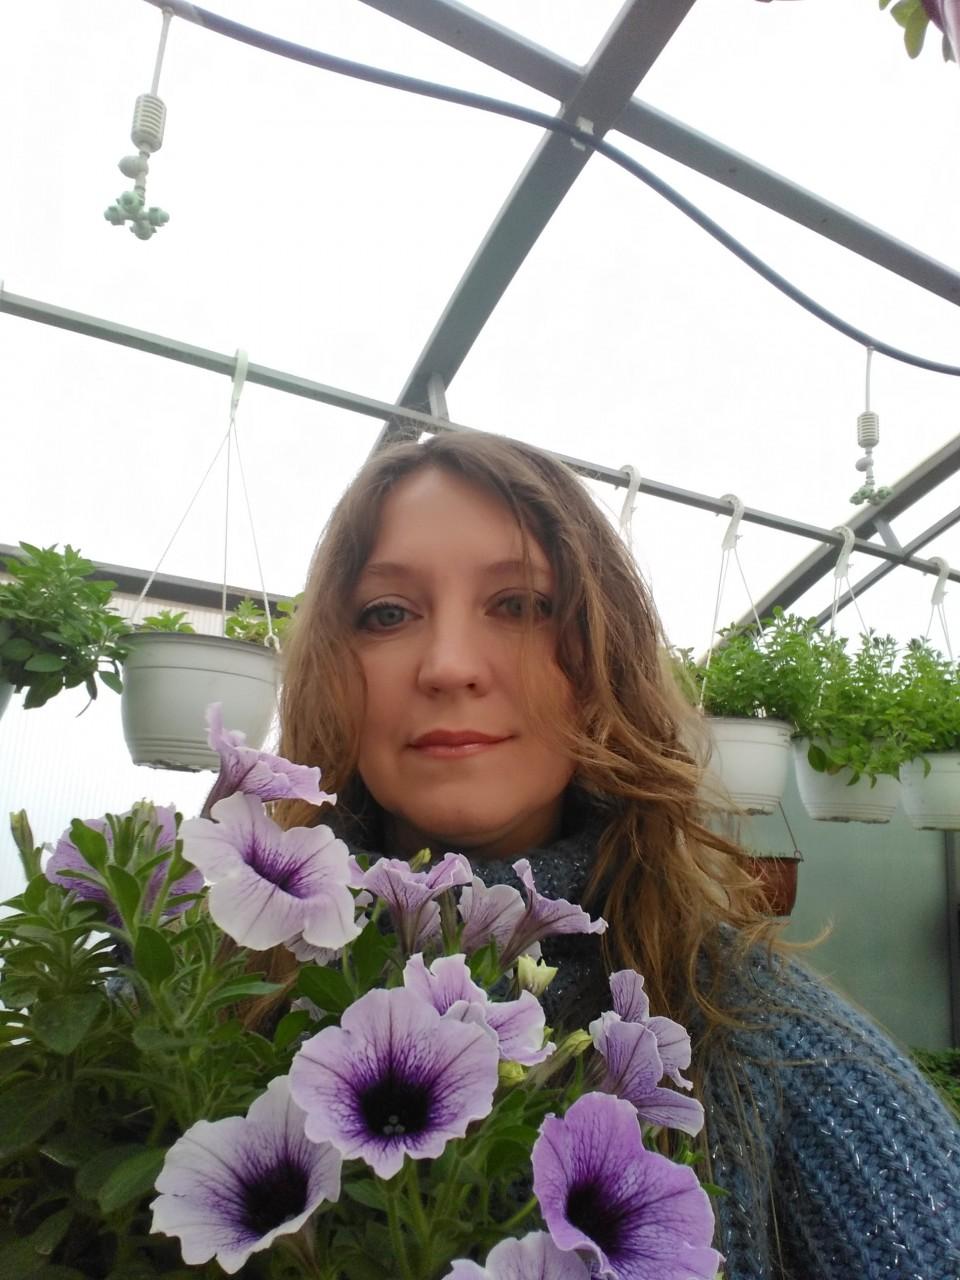 Елена Шевелева: «Могу написать книгу, как заработать на 12 сотках»